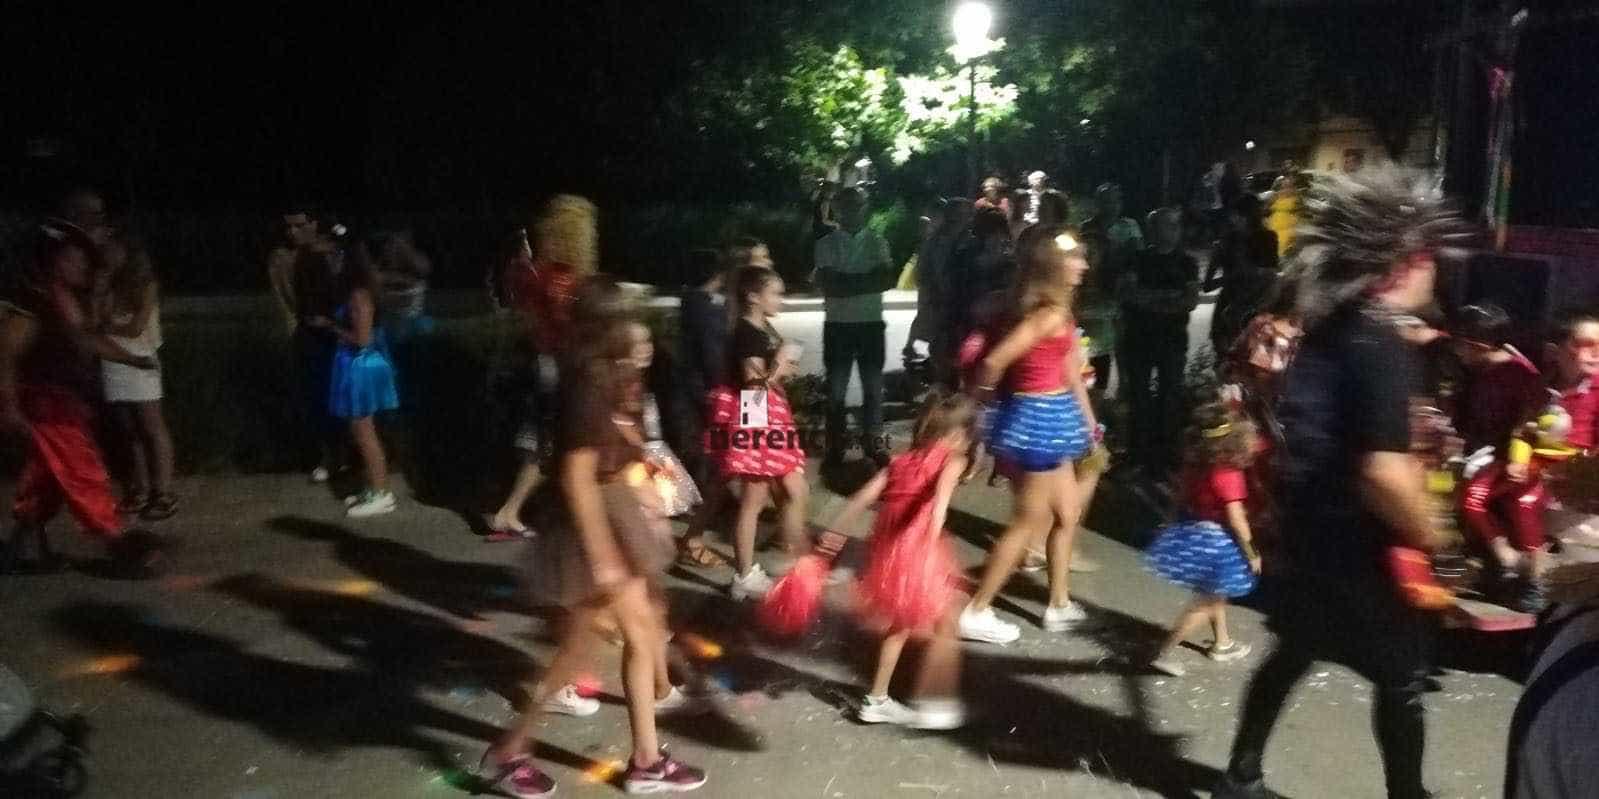 Carnaval de herencia 2019 galeria 38 - Galería de fotografías del Carnaval de Verano 2019